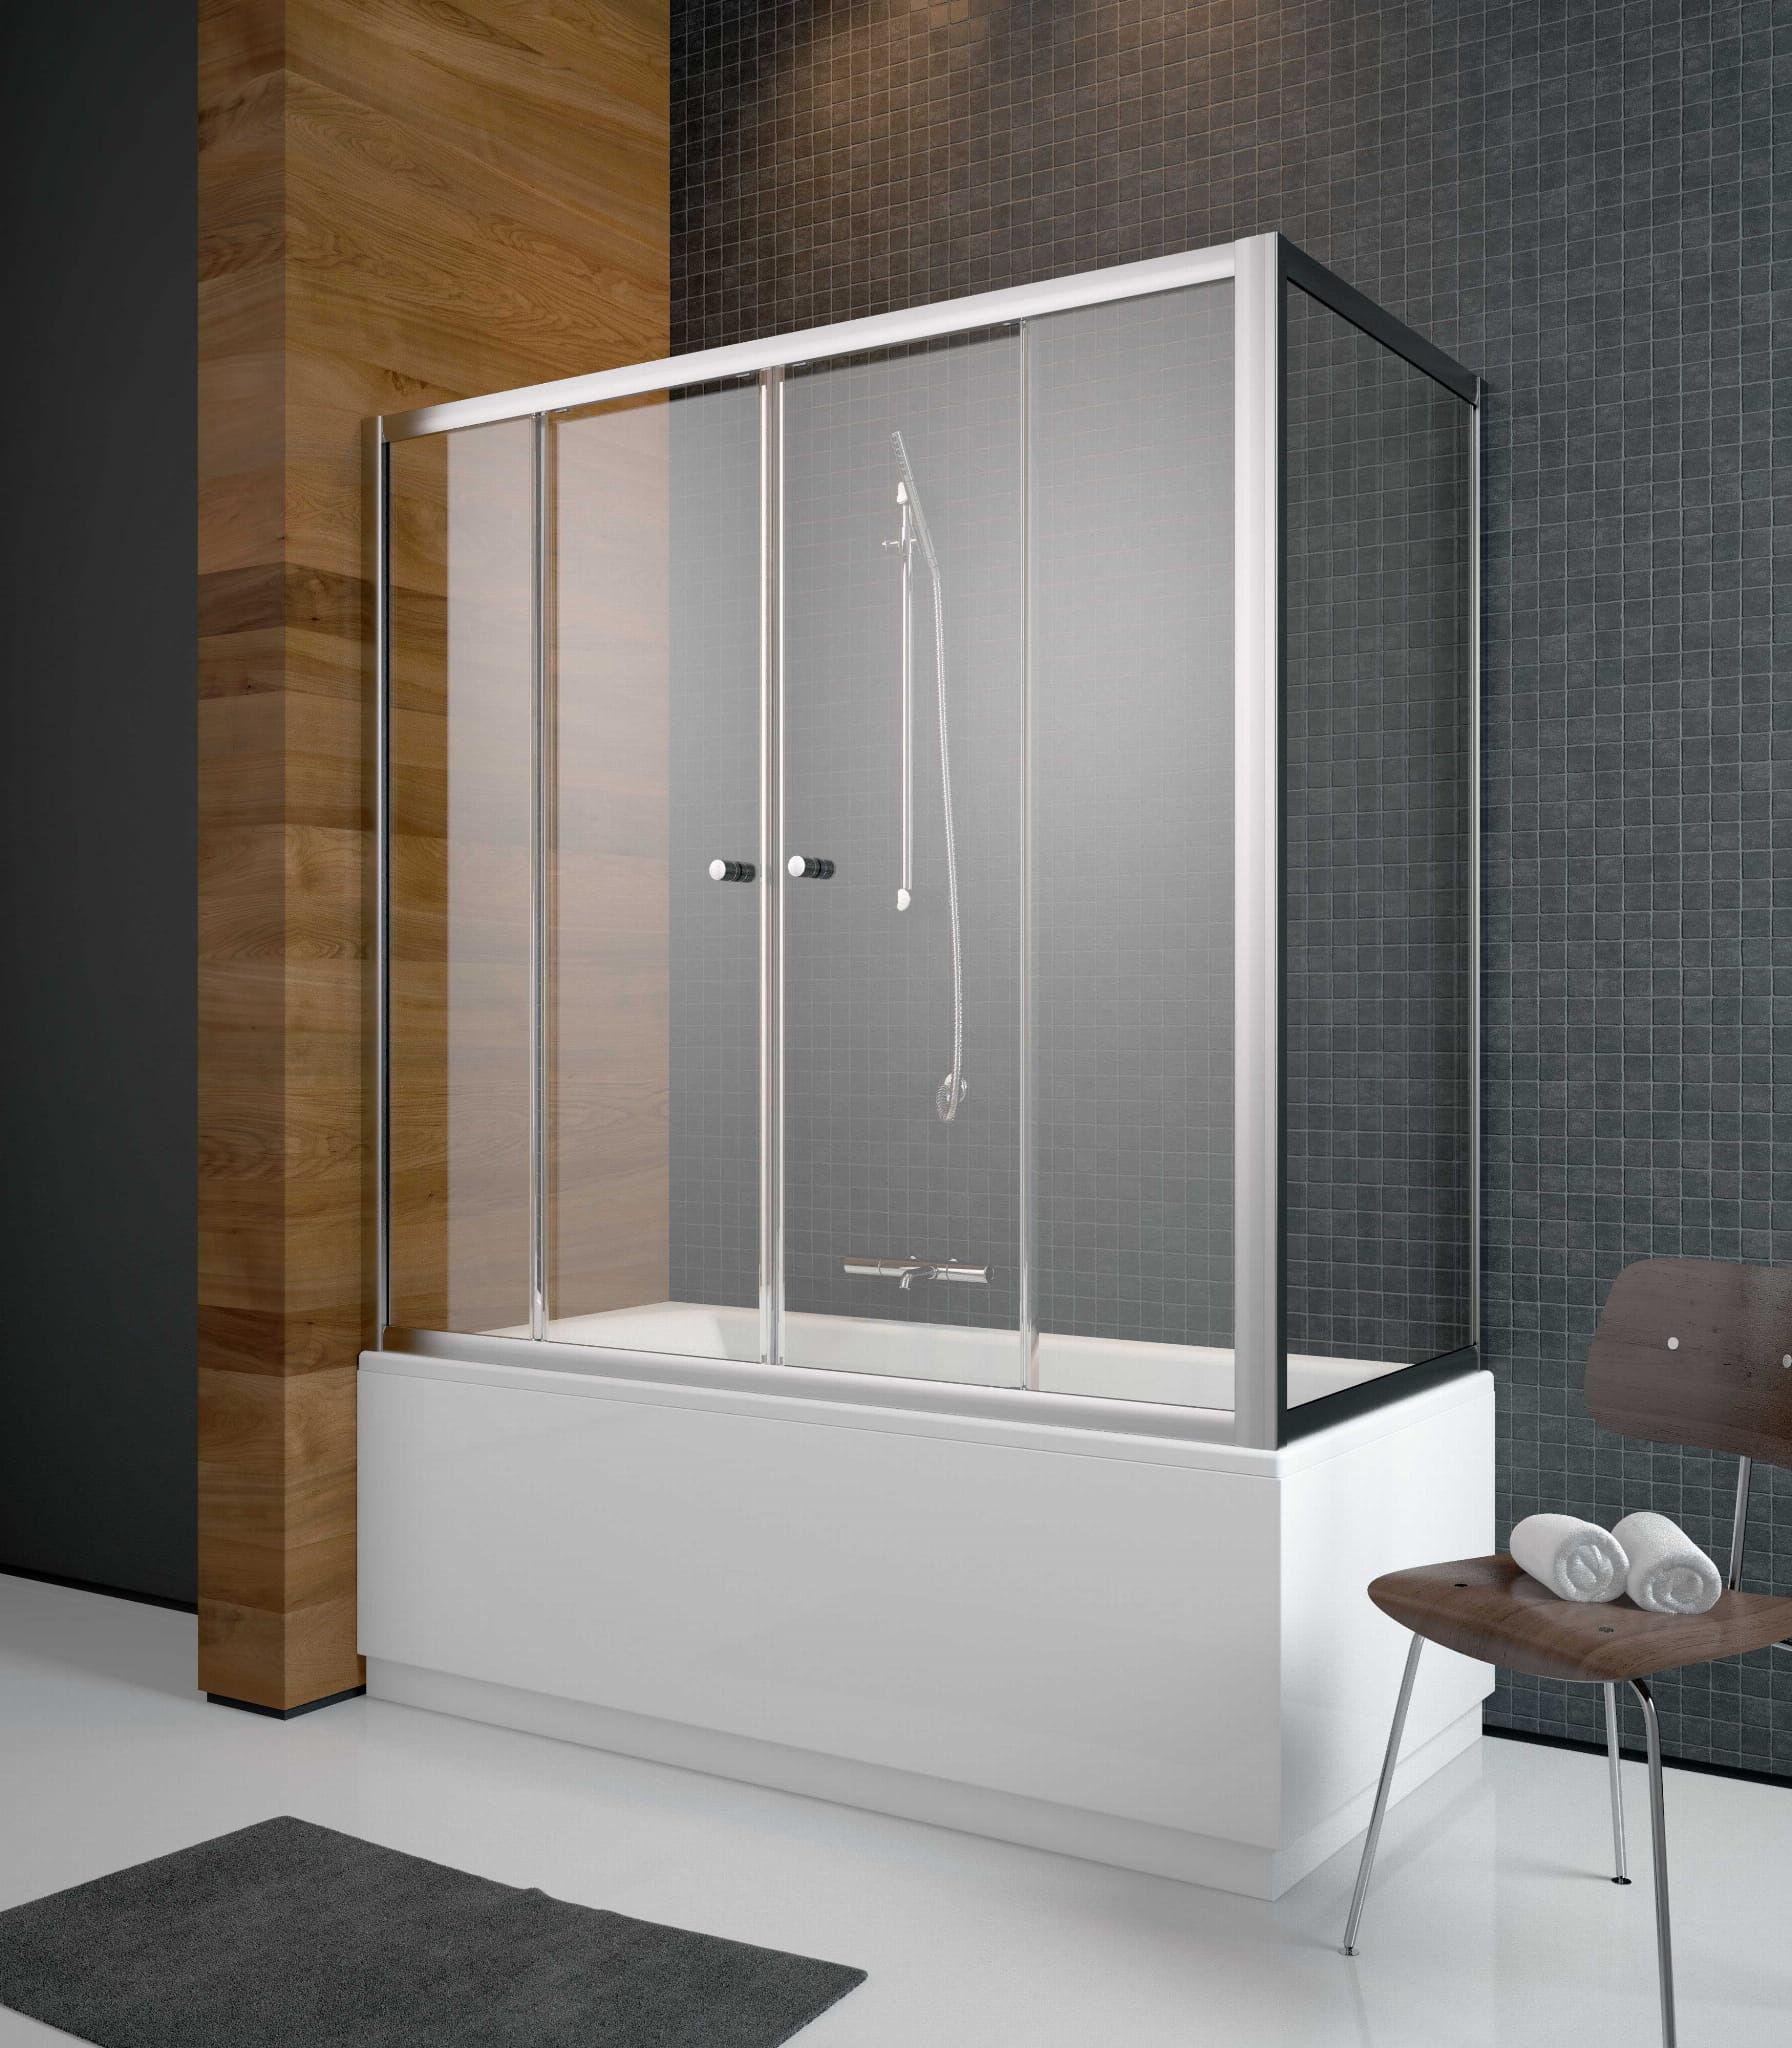 Radaway zabudowa nawannowa Vesta DWD+S 180 x 70, szkło przejrzyste, wys. 150 cm 203180-01/204070-01